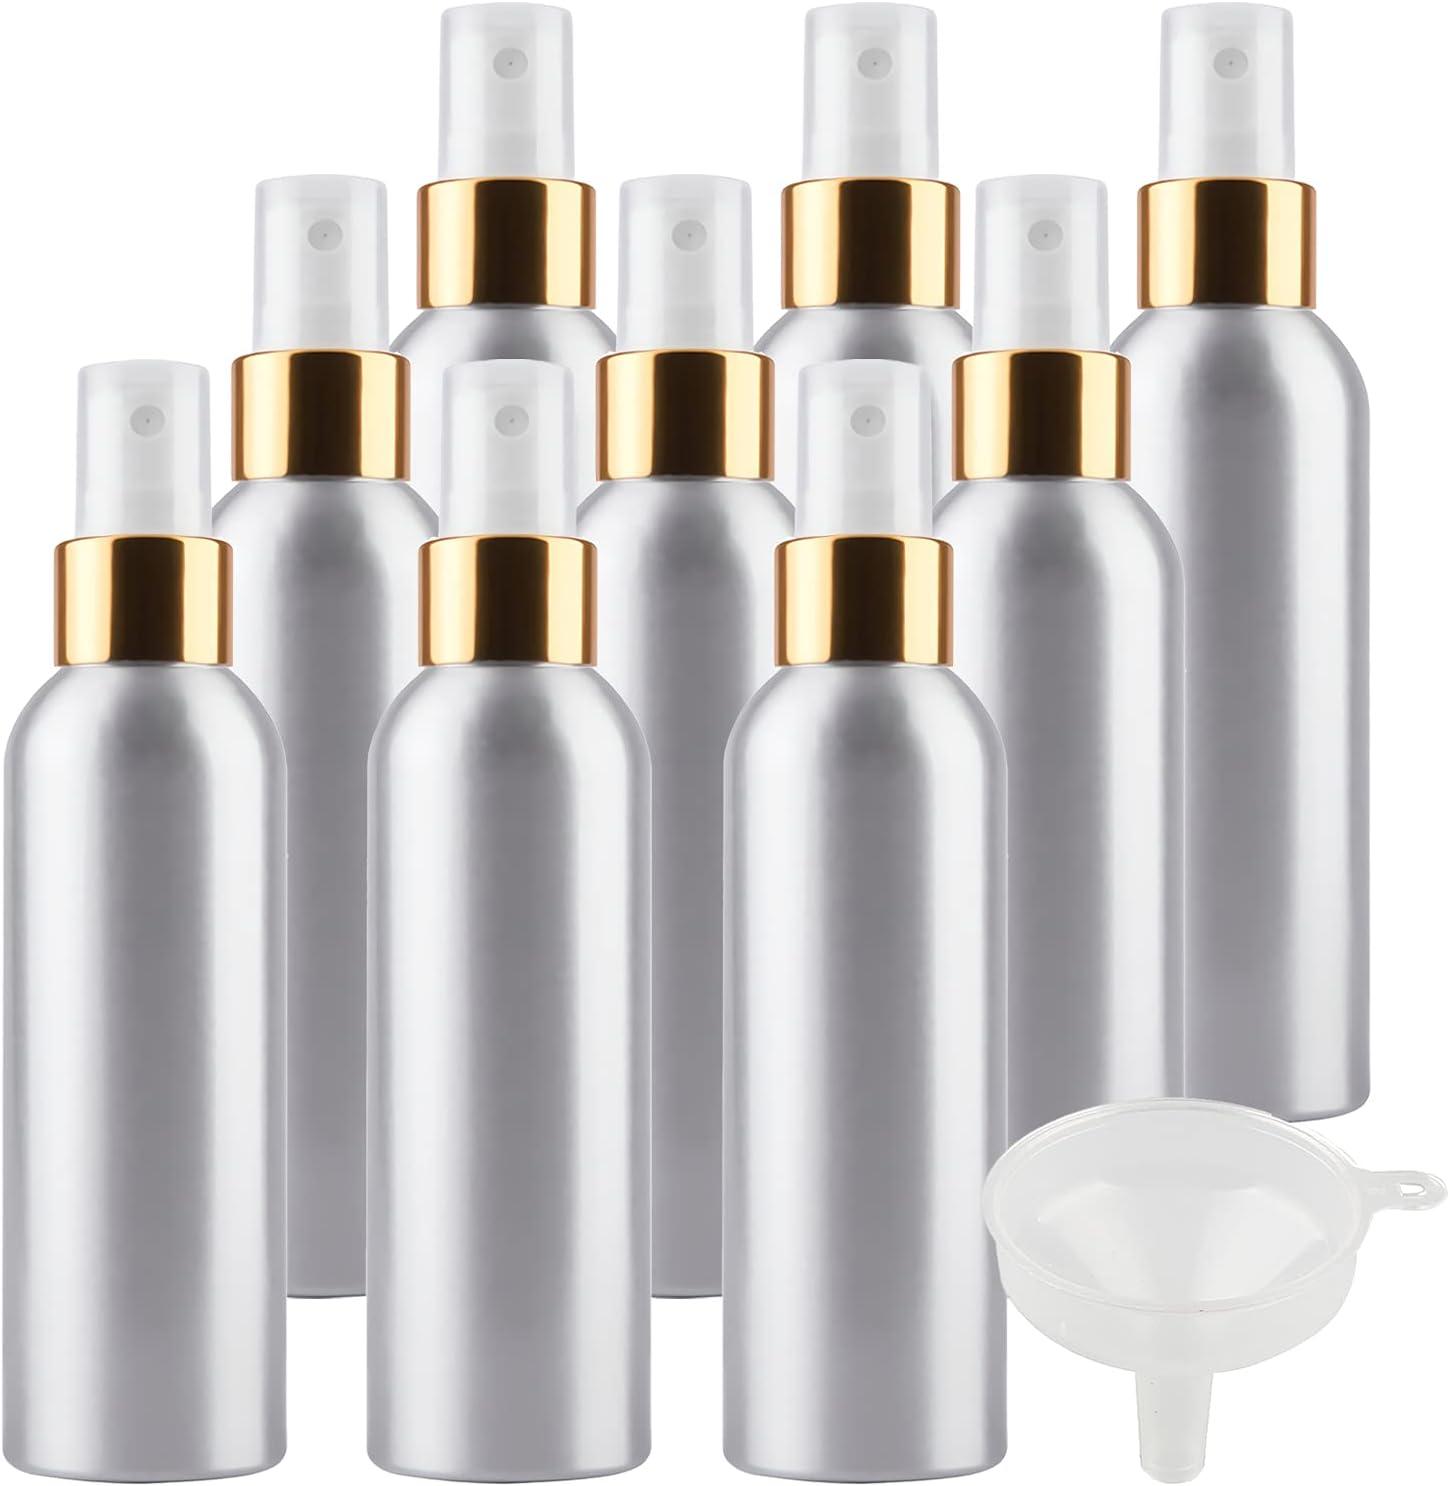 TIANZD 12 Piezas Pequeño 150 ml Botella de Spray pulverizador Botella de Aluminio Plata con Bomba en Blanco/Oro Niebla Fina Atomizador para Perfume Viaje Artículos de Agua Cosmético con Embudo